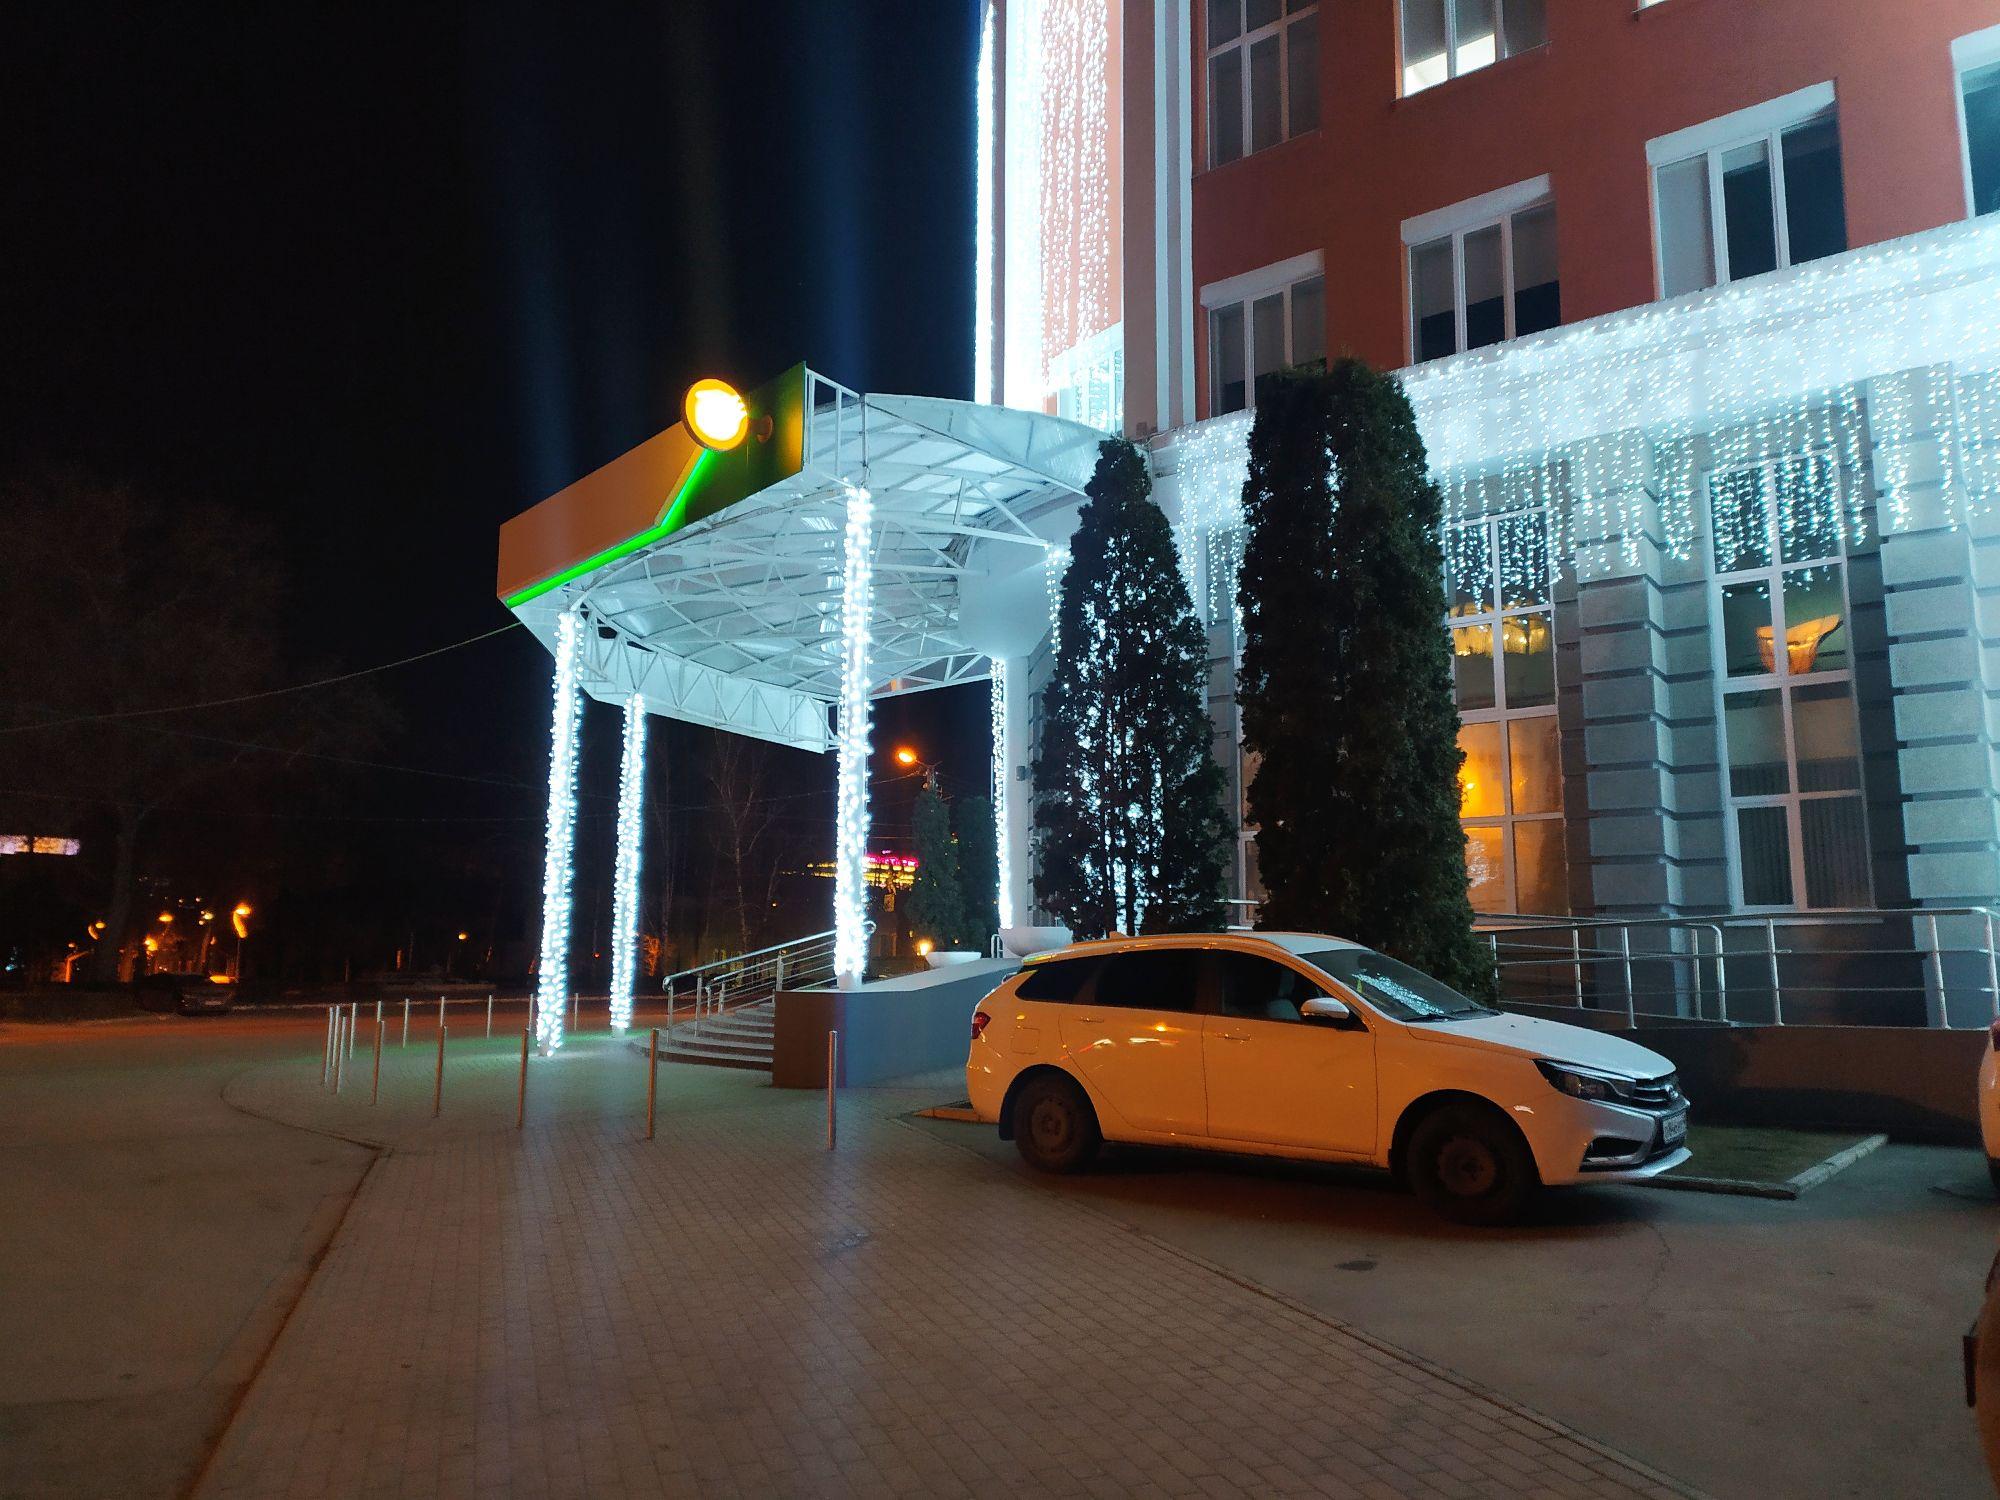 Само здание украшено неплохо, горит как на новогодняя гирлянда, освещая всю улицу... Но вот елка... Как бы это по мягче сказать....